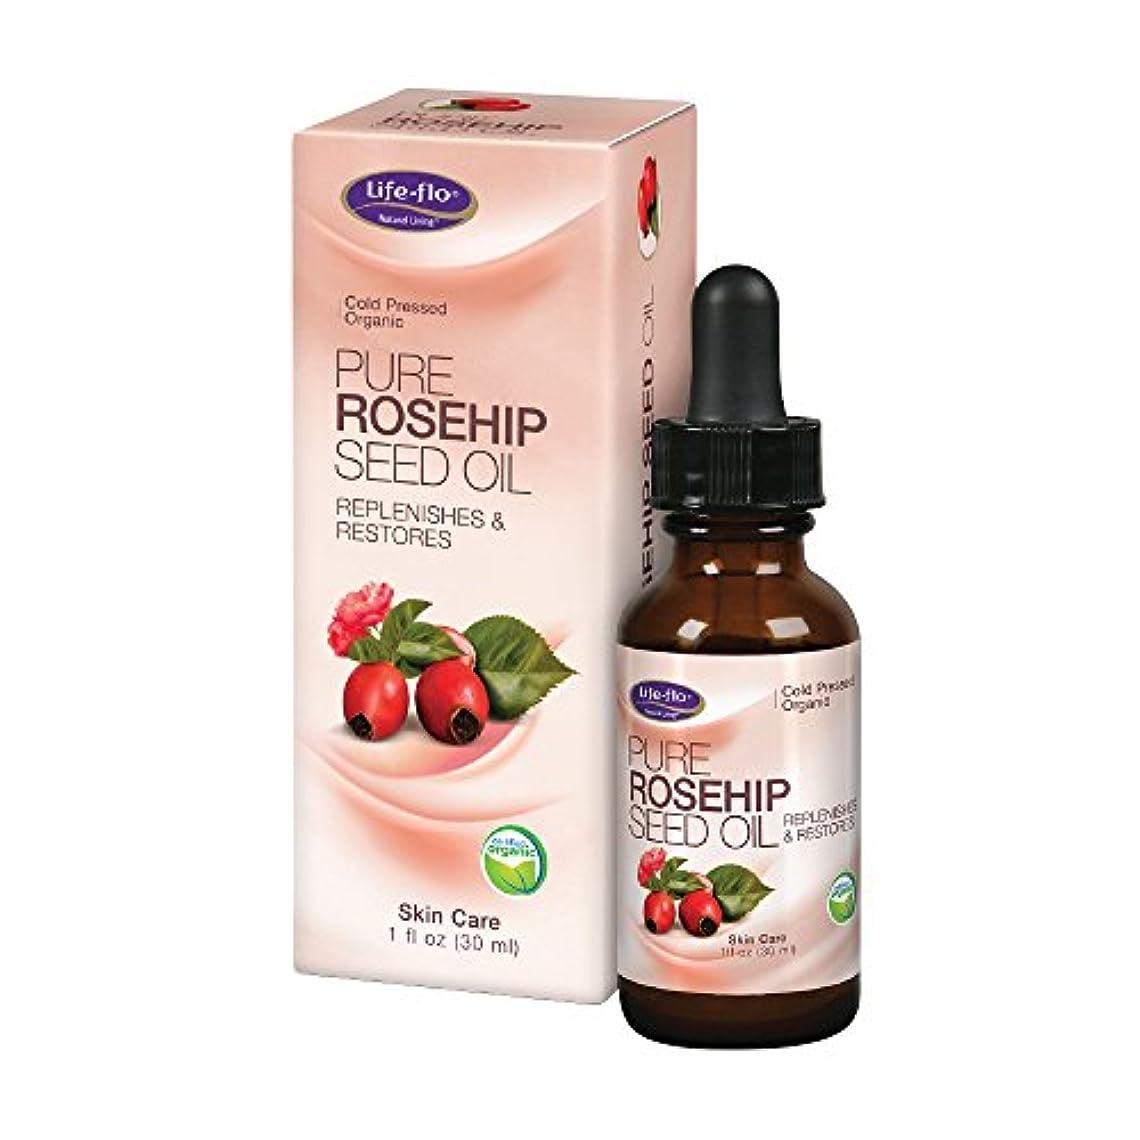 望み発信オープニング海外直送品 Life-Flo Pure Rosehip Seed Oil, 1 oz